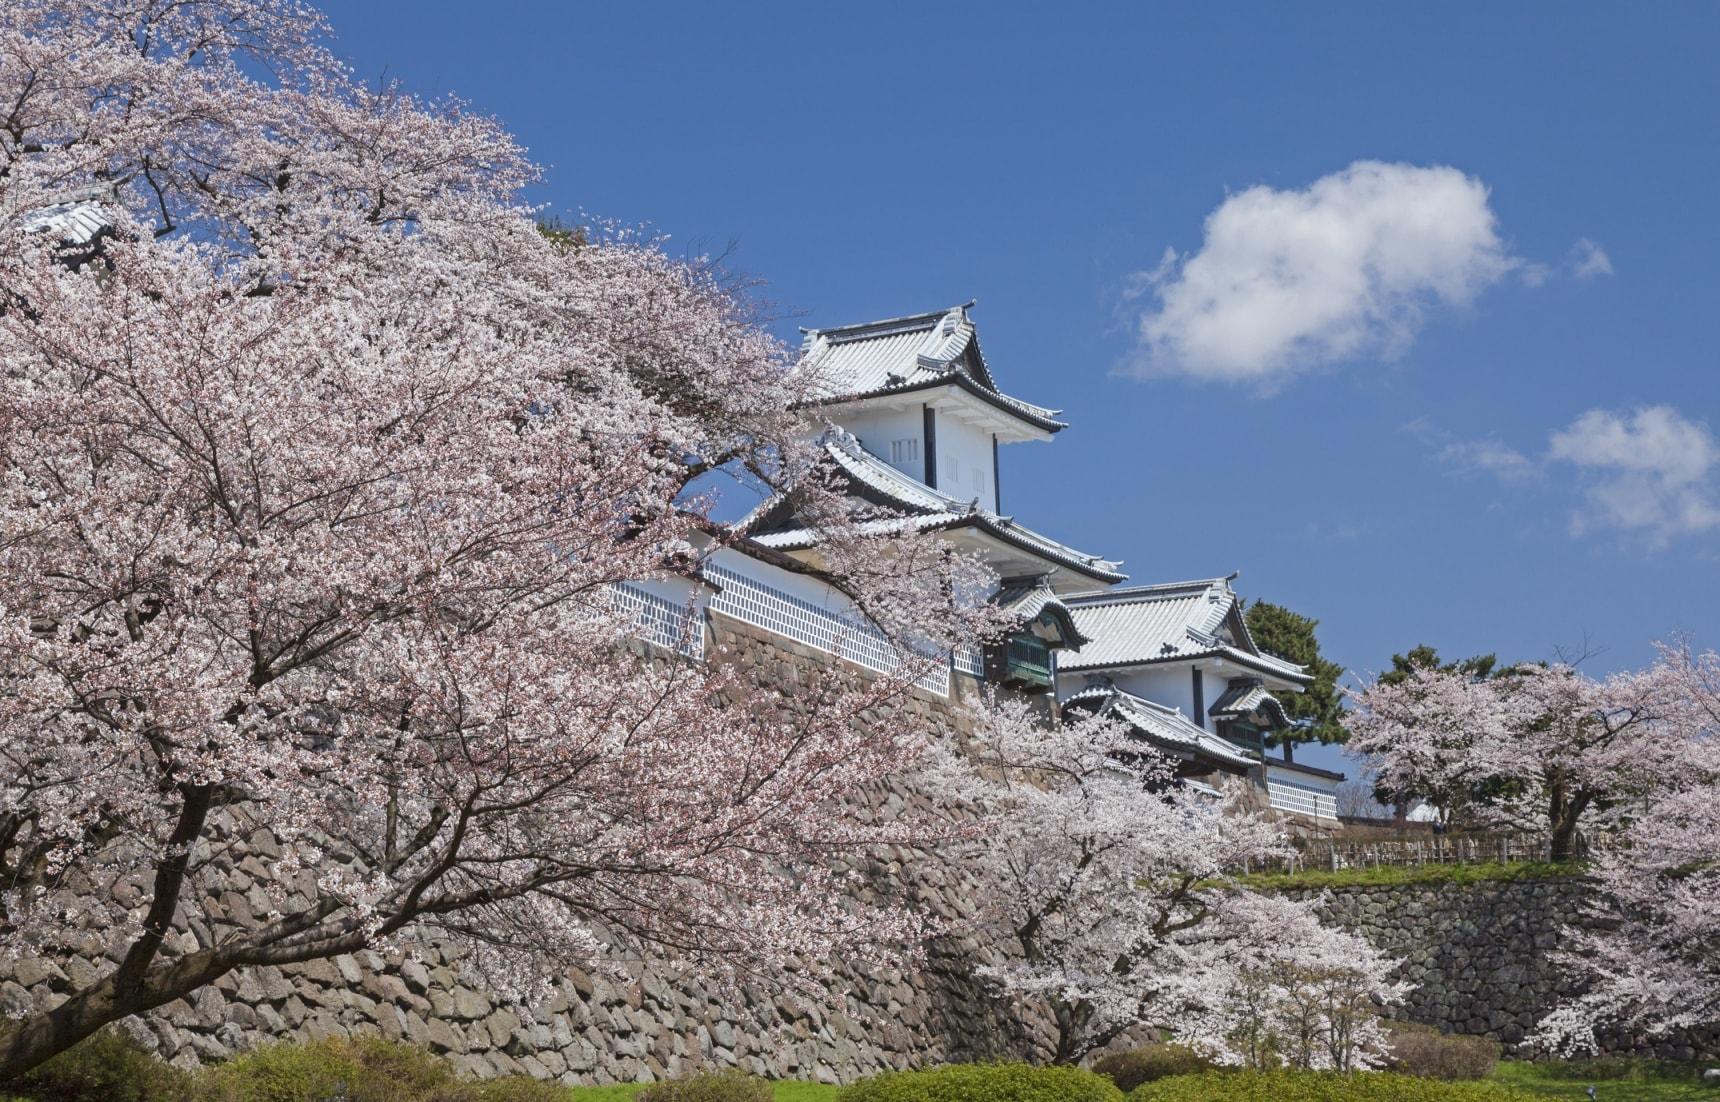 사쿠라 in 카나자와: 벚꽃 아래의 일본 전통의 미